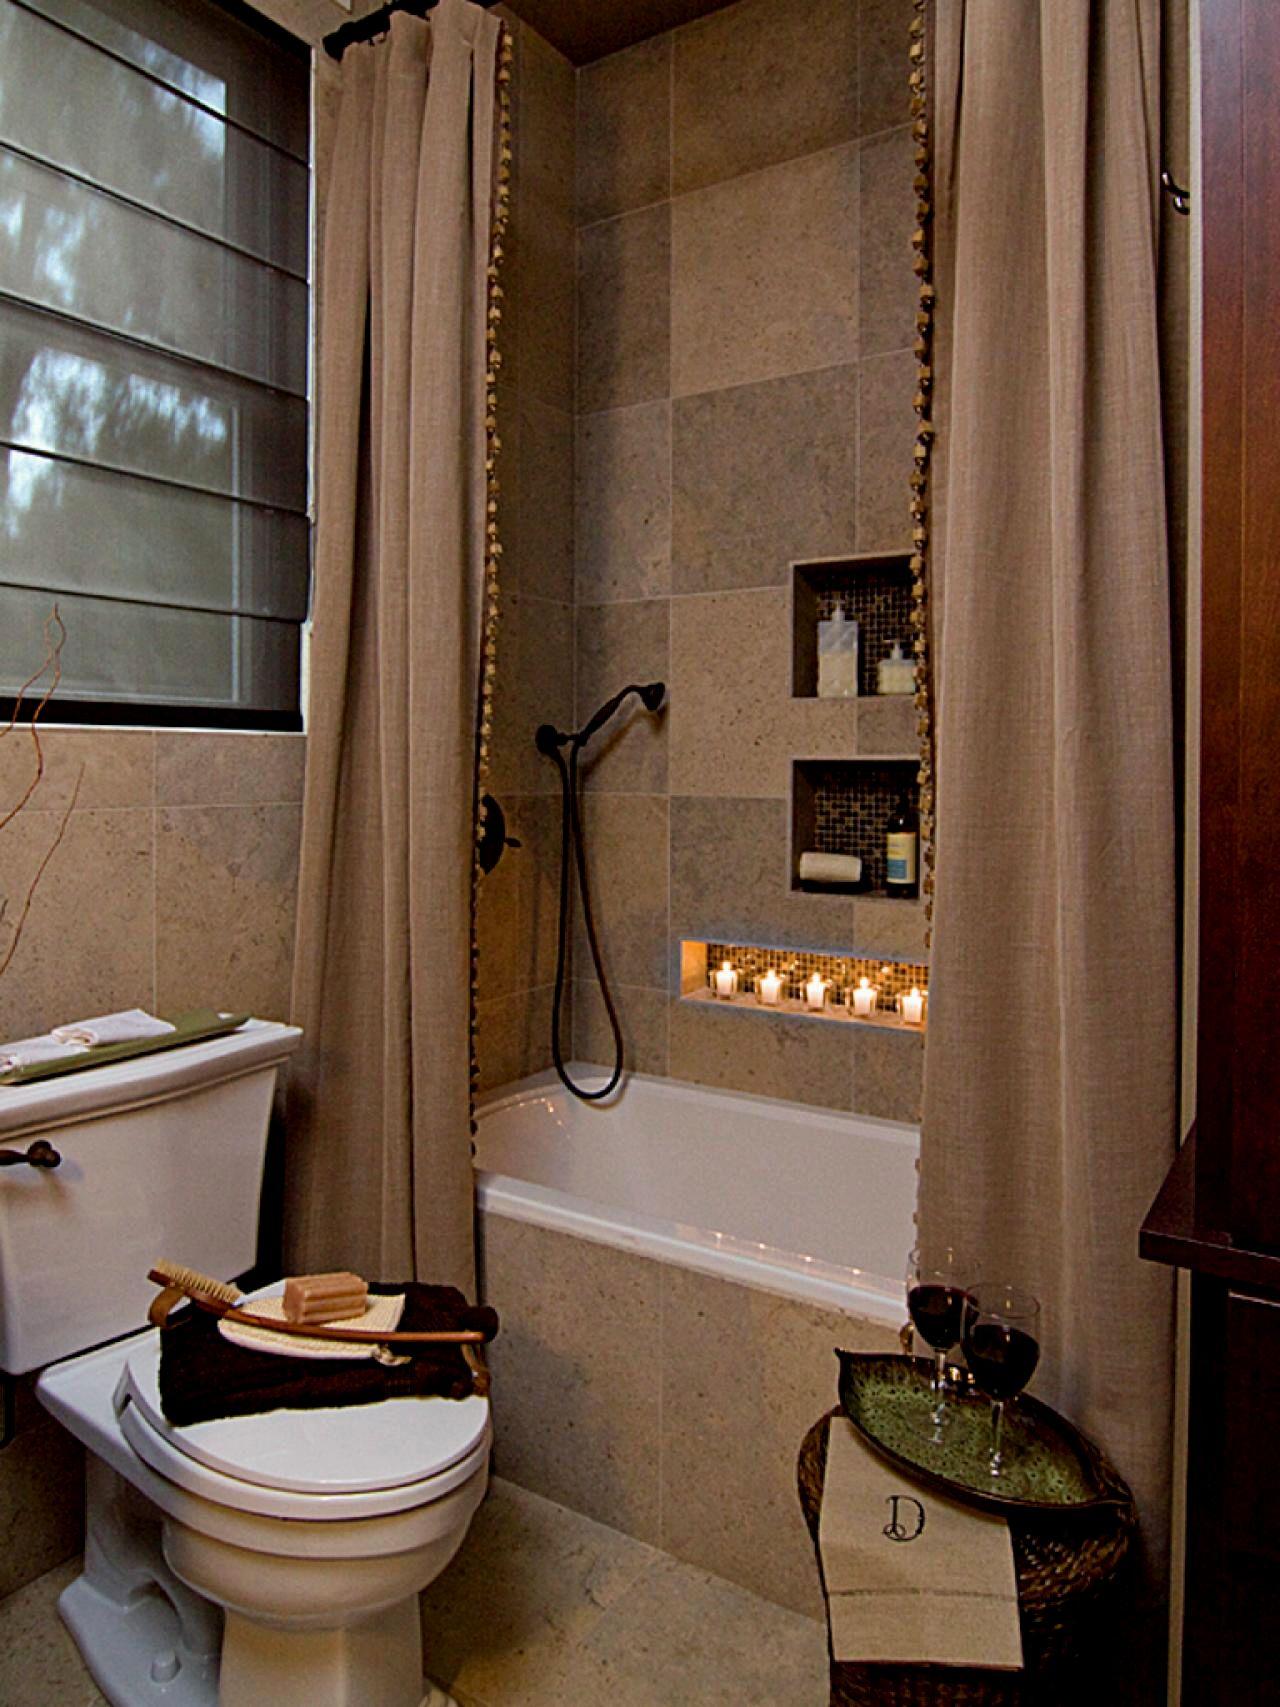 fresh small bathroom window curtains gallery-Best Of Small Bathroom Window Curtains Collection